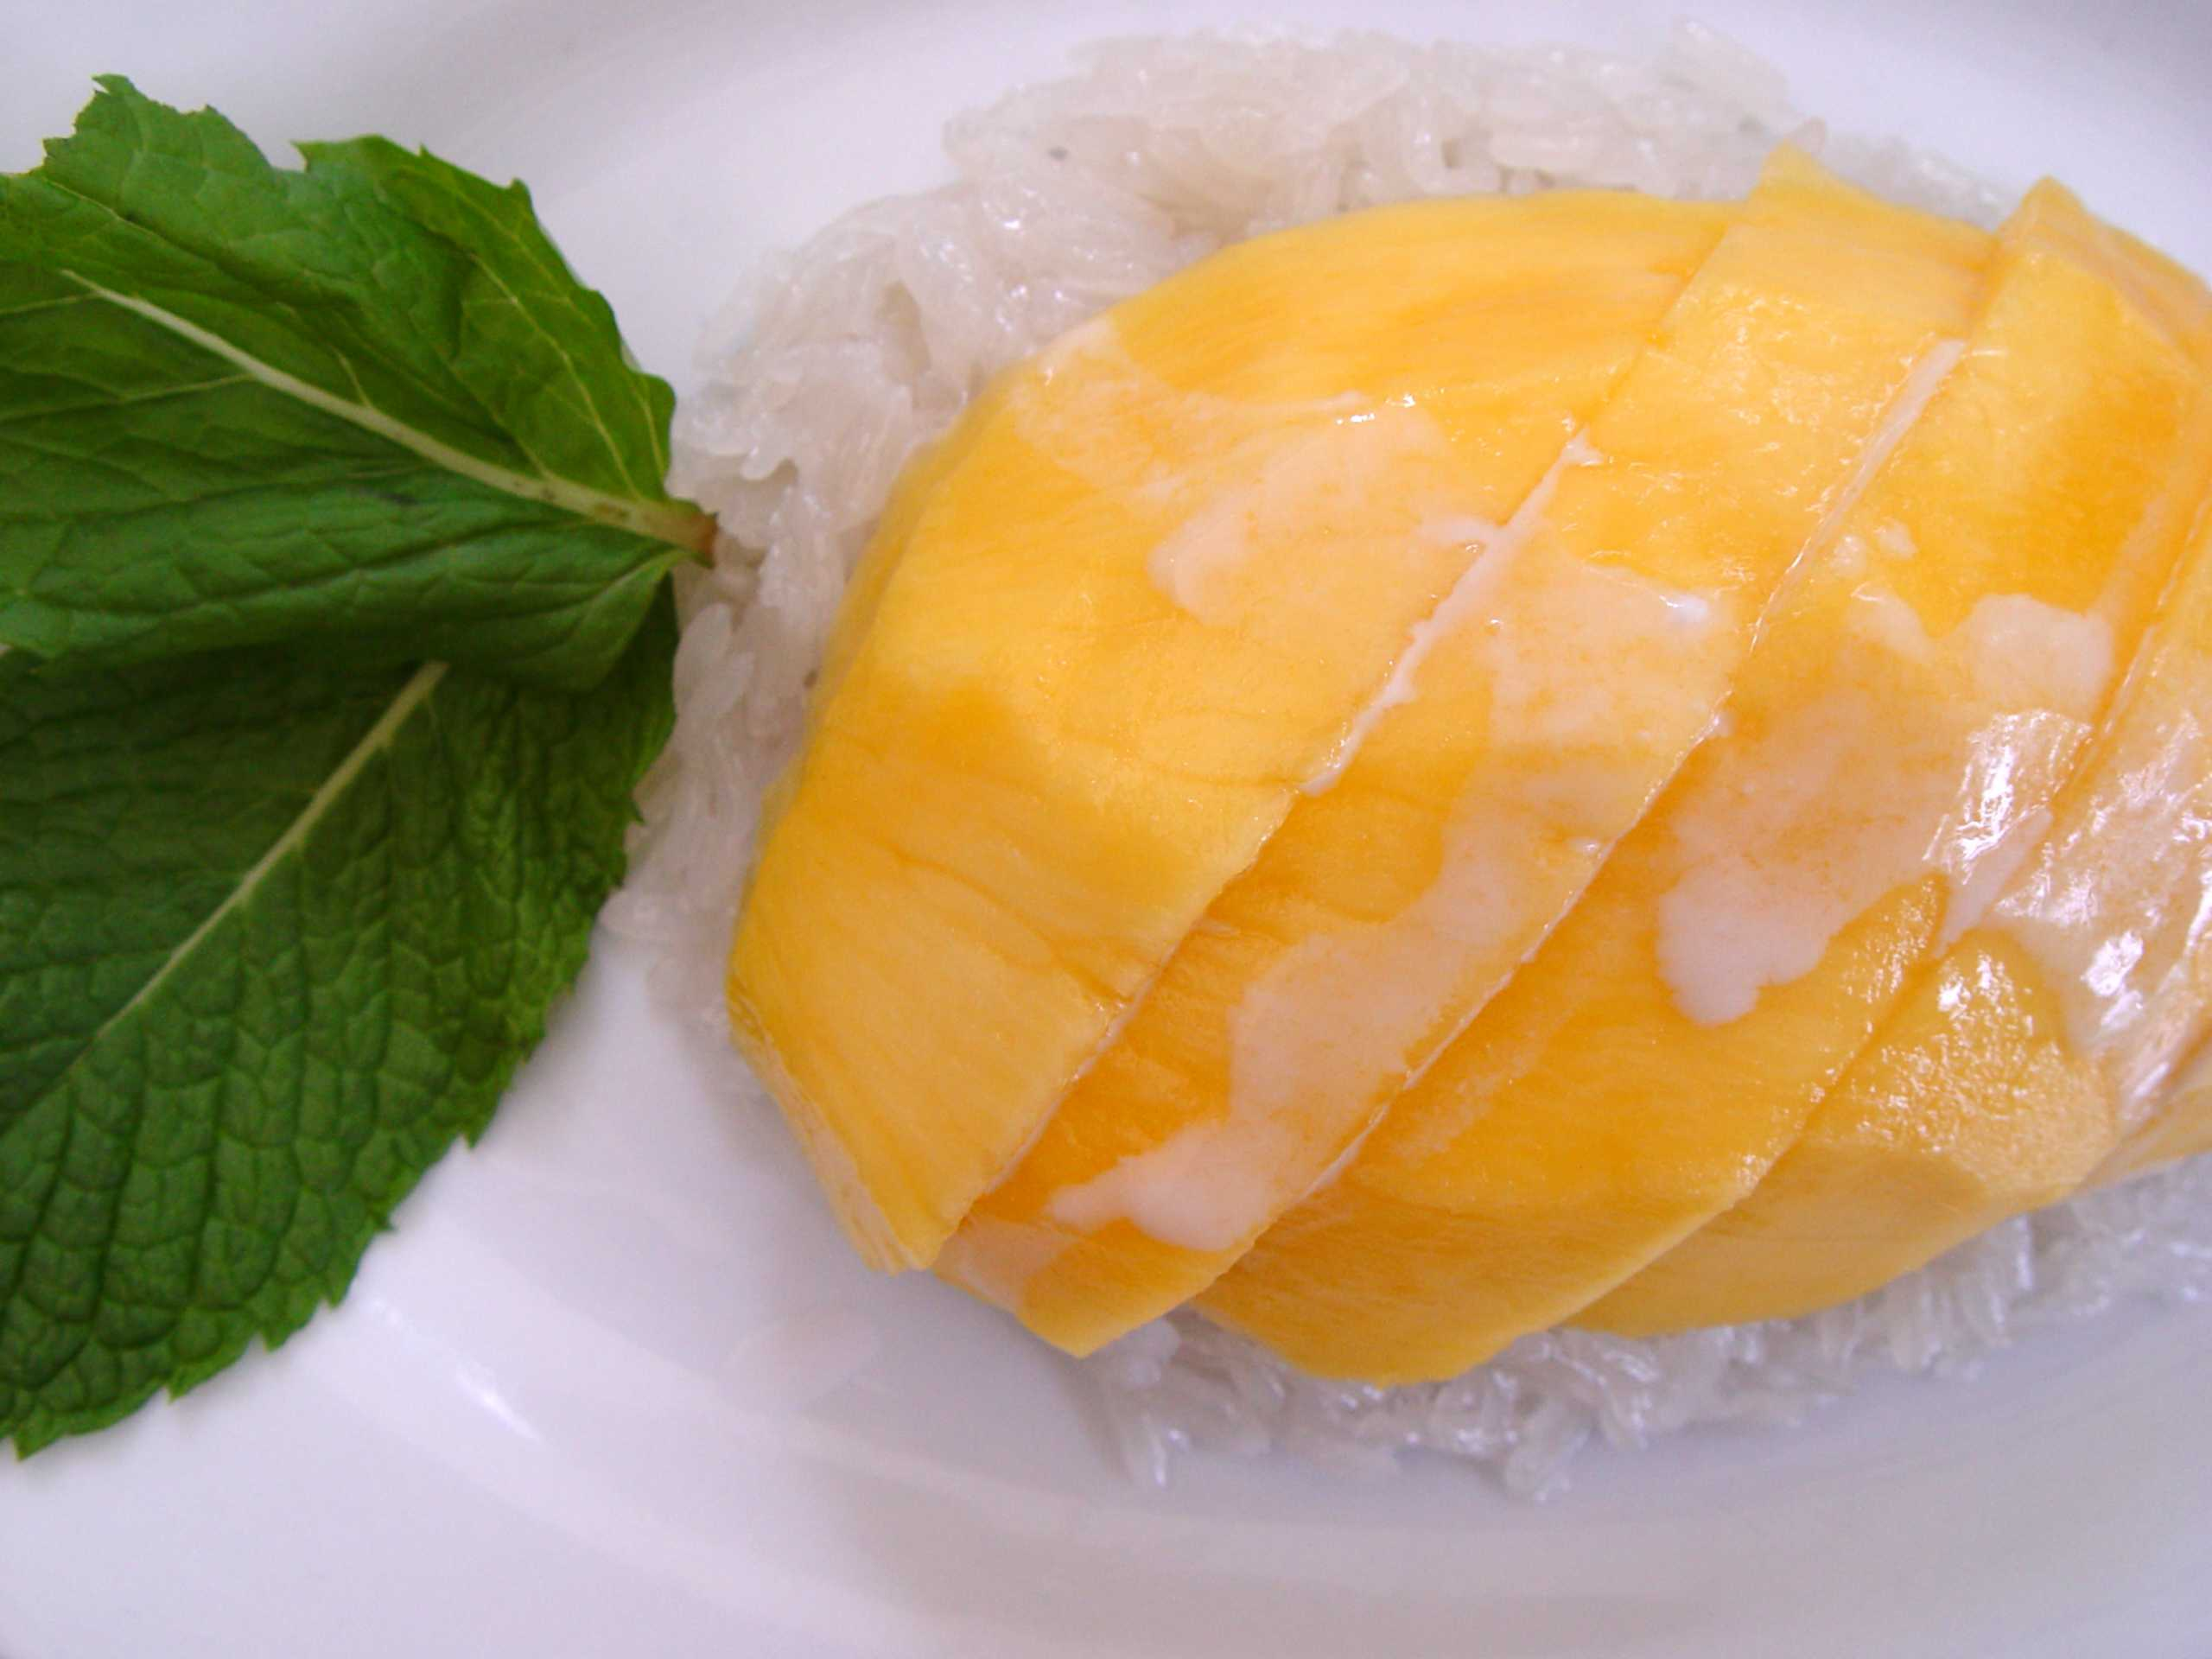 Sticky mango